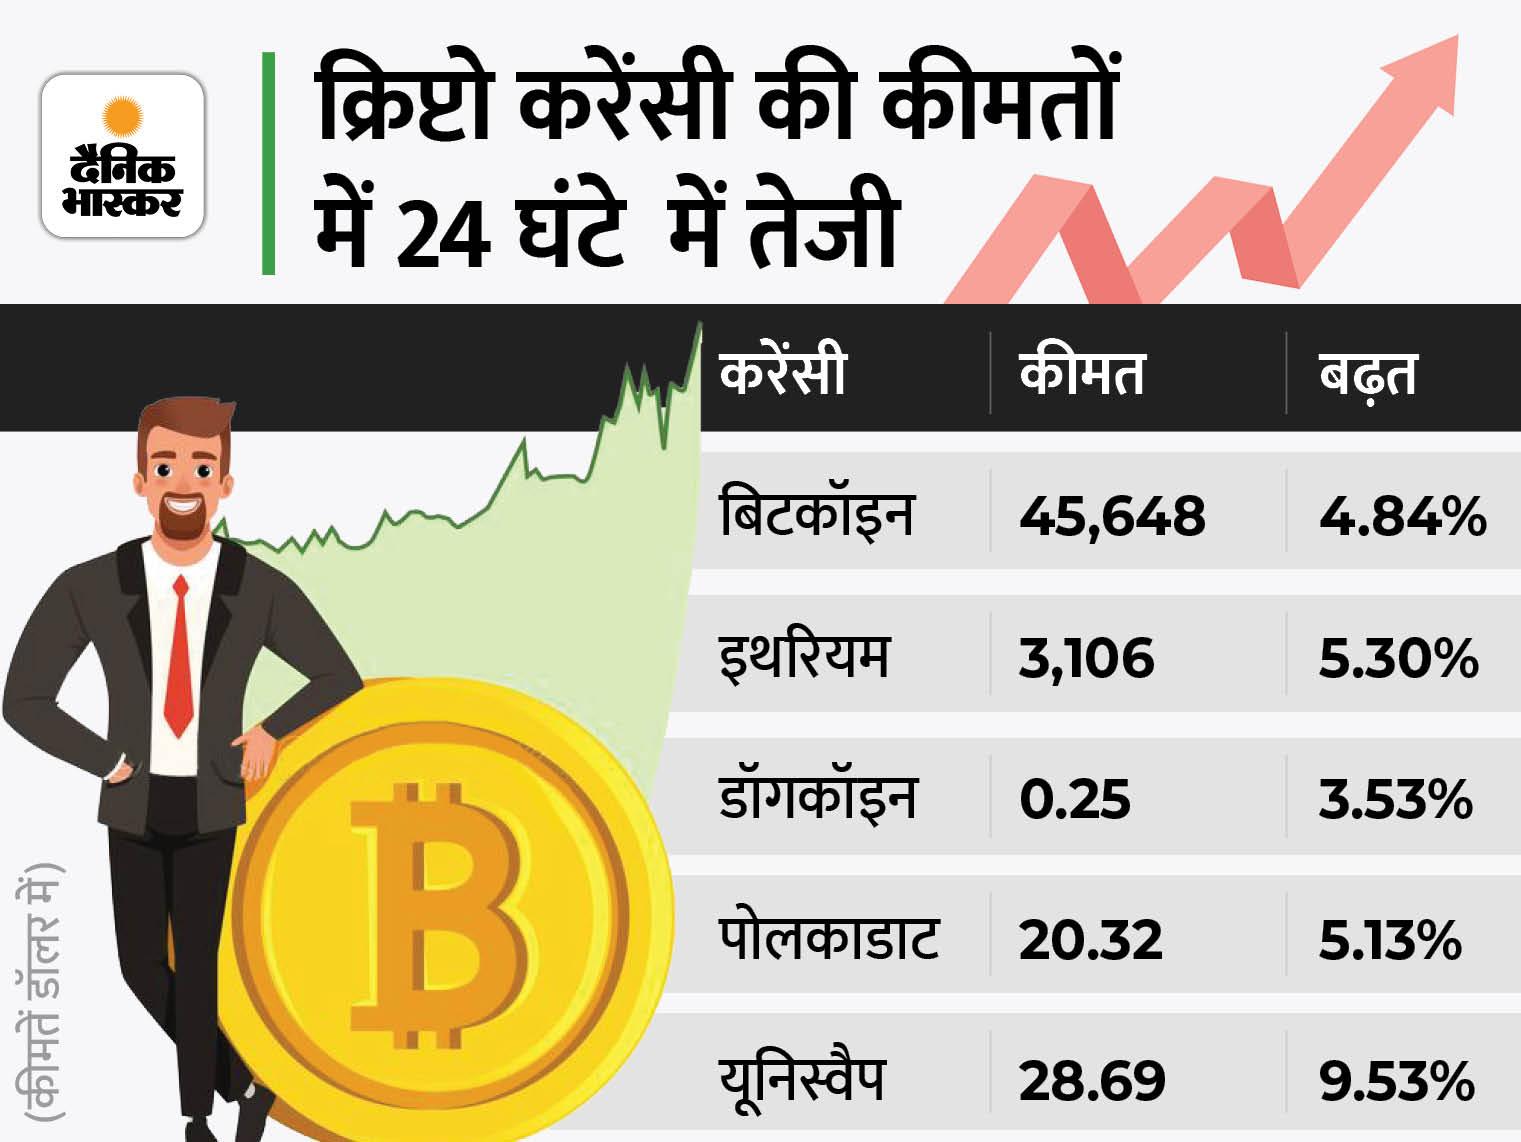 क्रिप्टो करेंसी की कीमतों में 10% की तेजी, बिटकॉइन का भाव 46 हजार डॉलर के करीब|बिजनेस,Business - Dainik Bhaskar